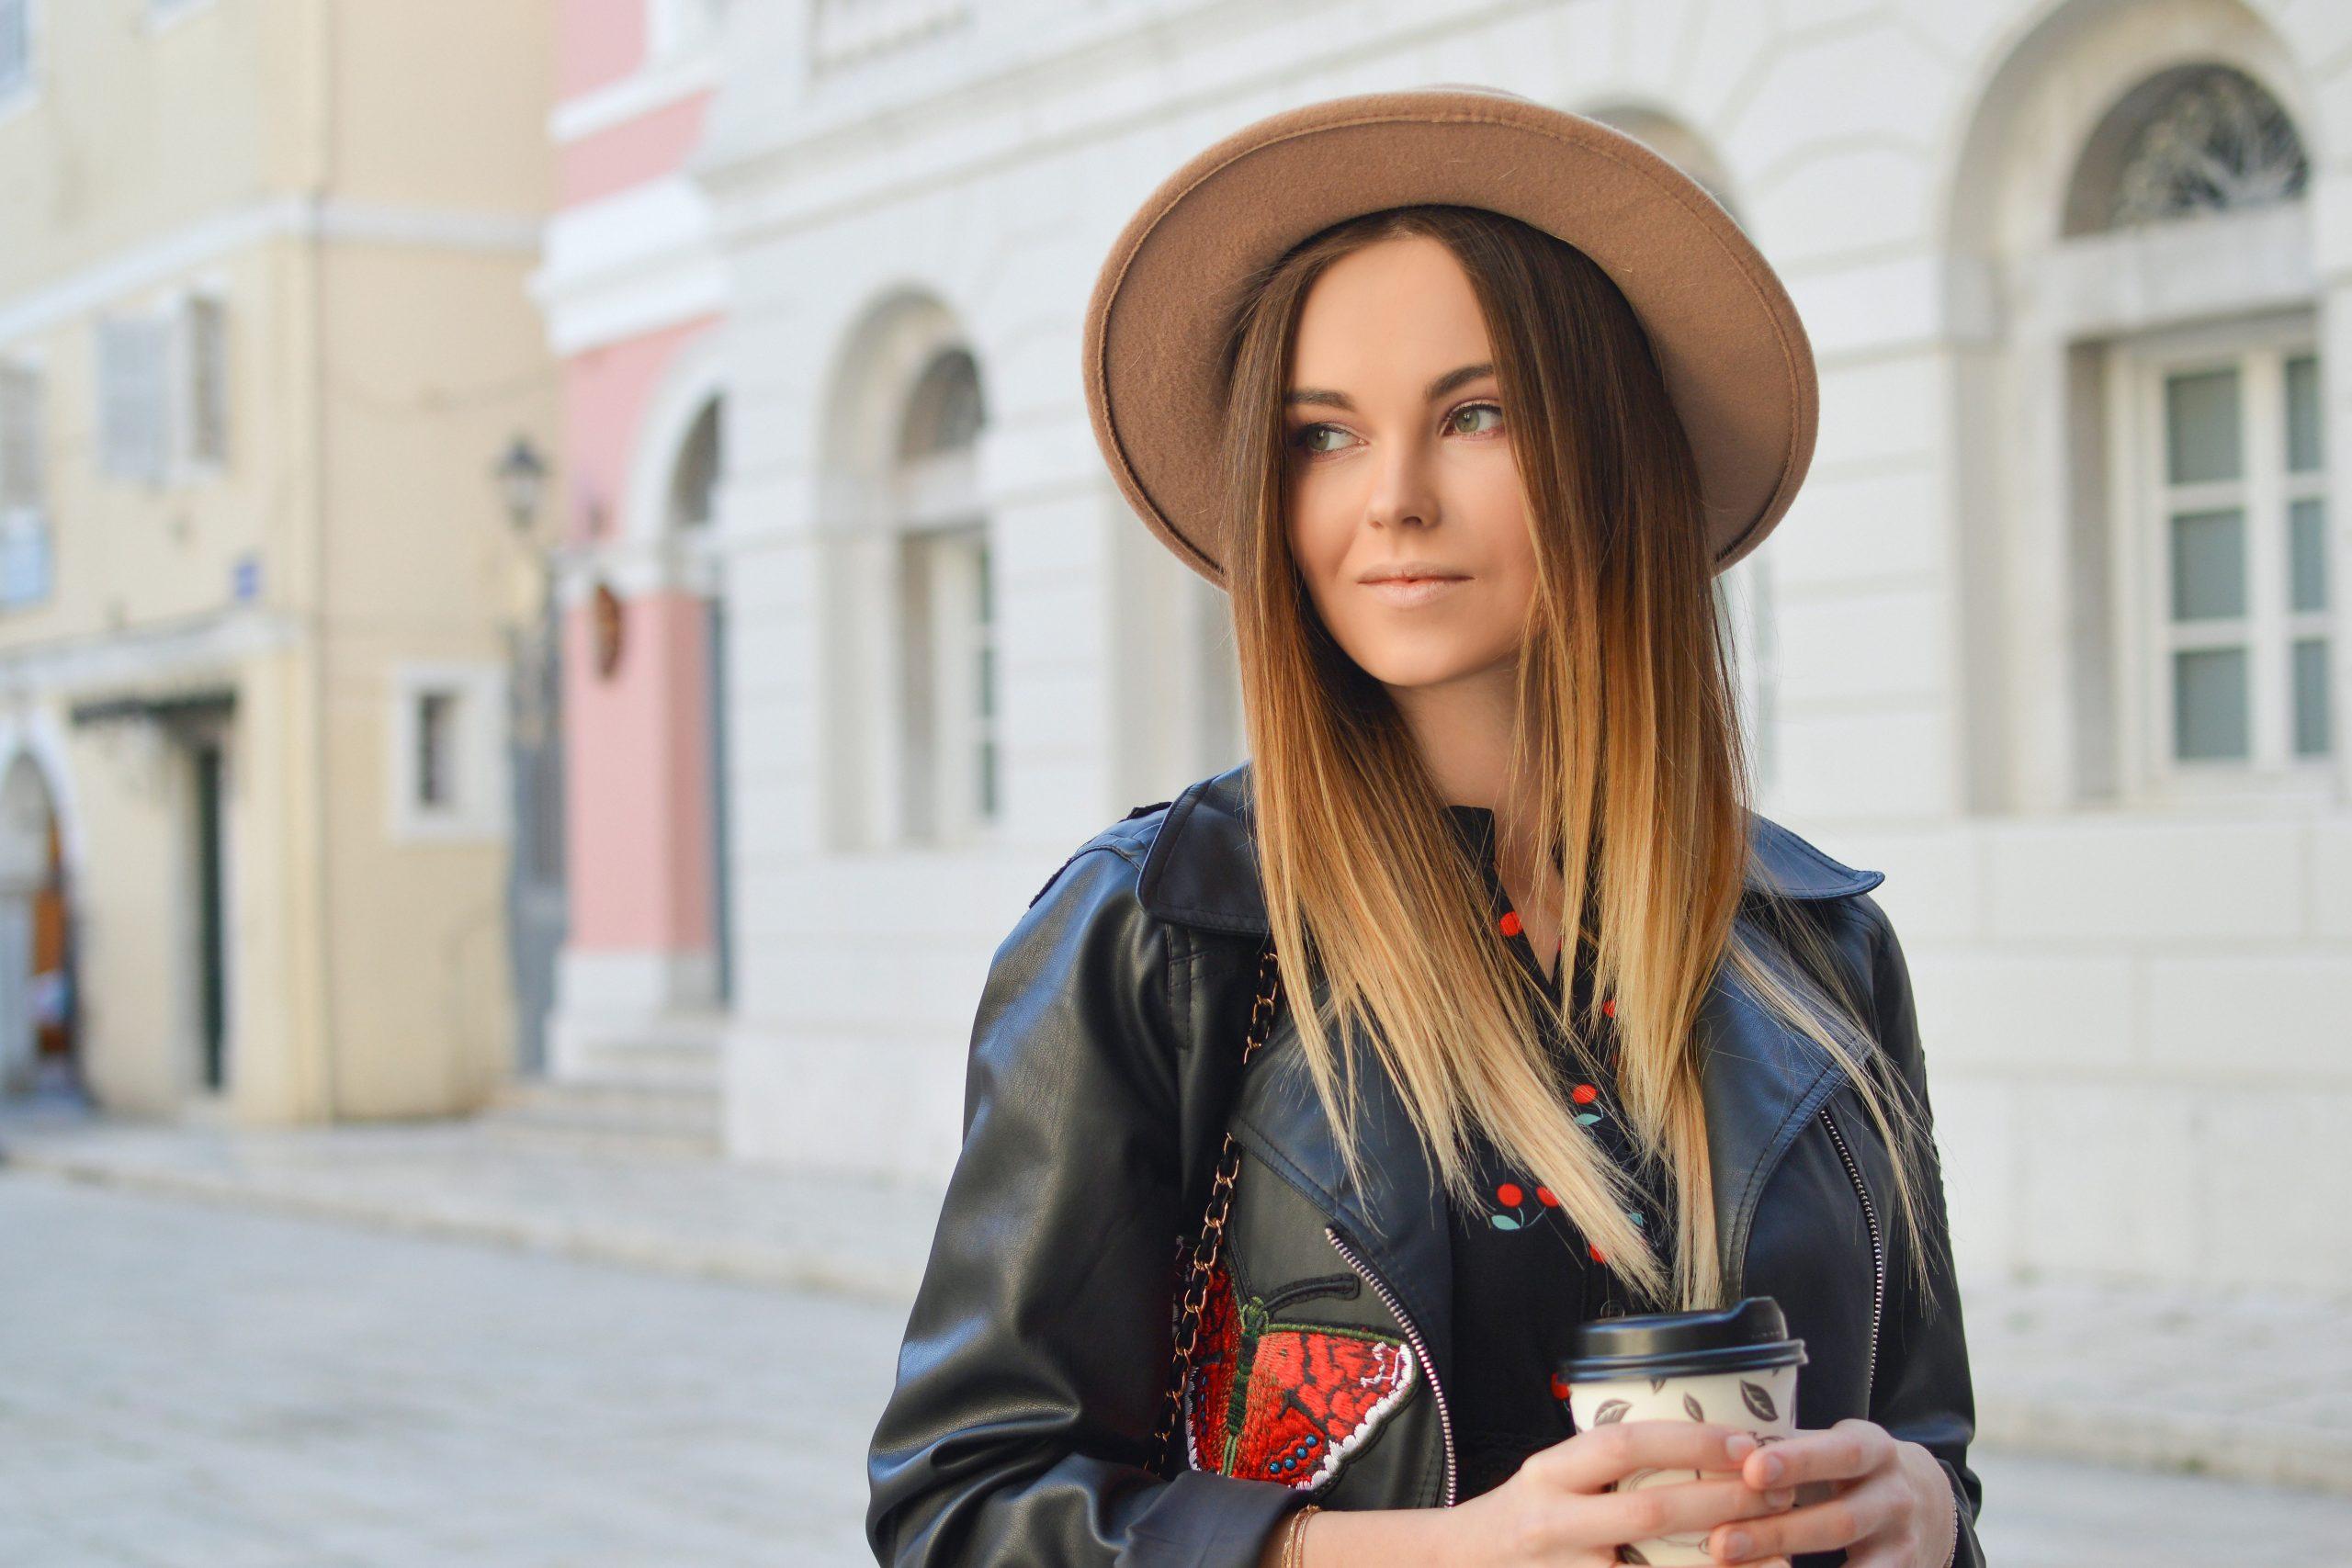 Imagem de uma mulher usando um chapéu.